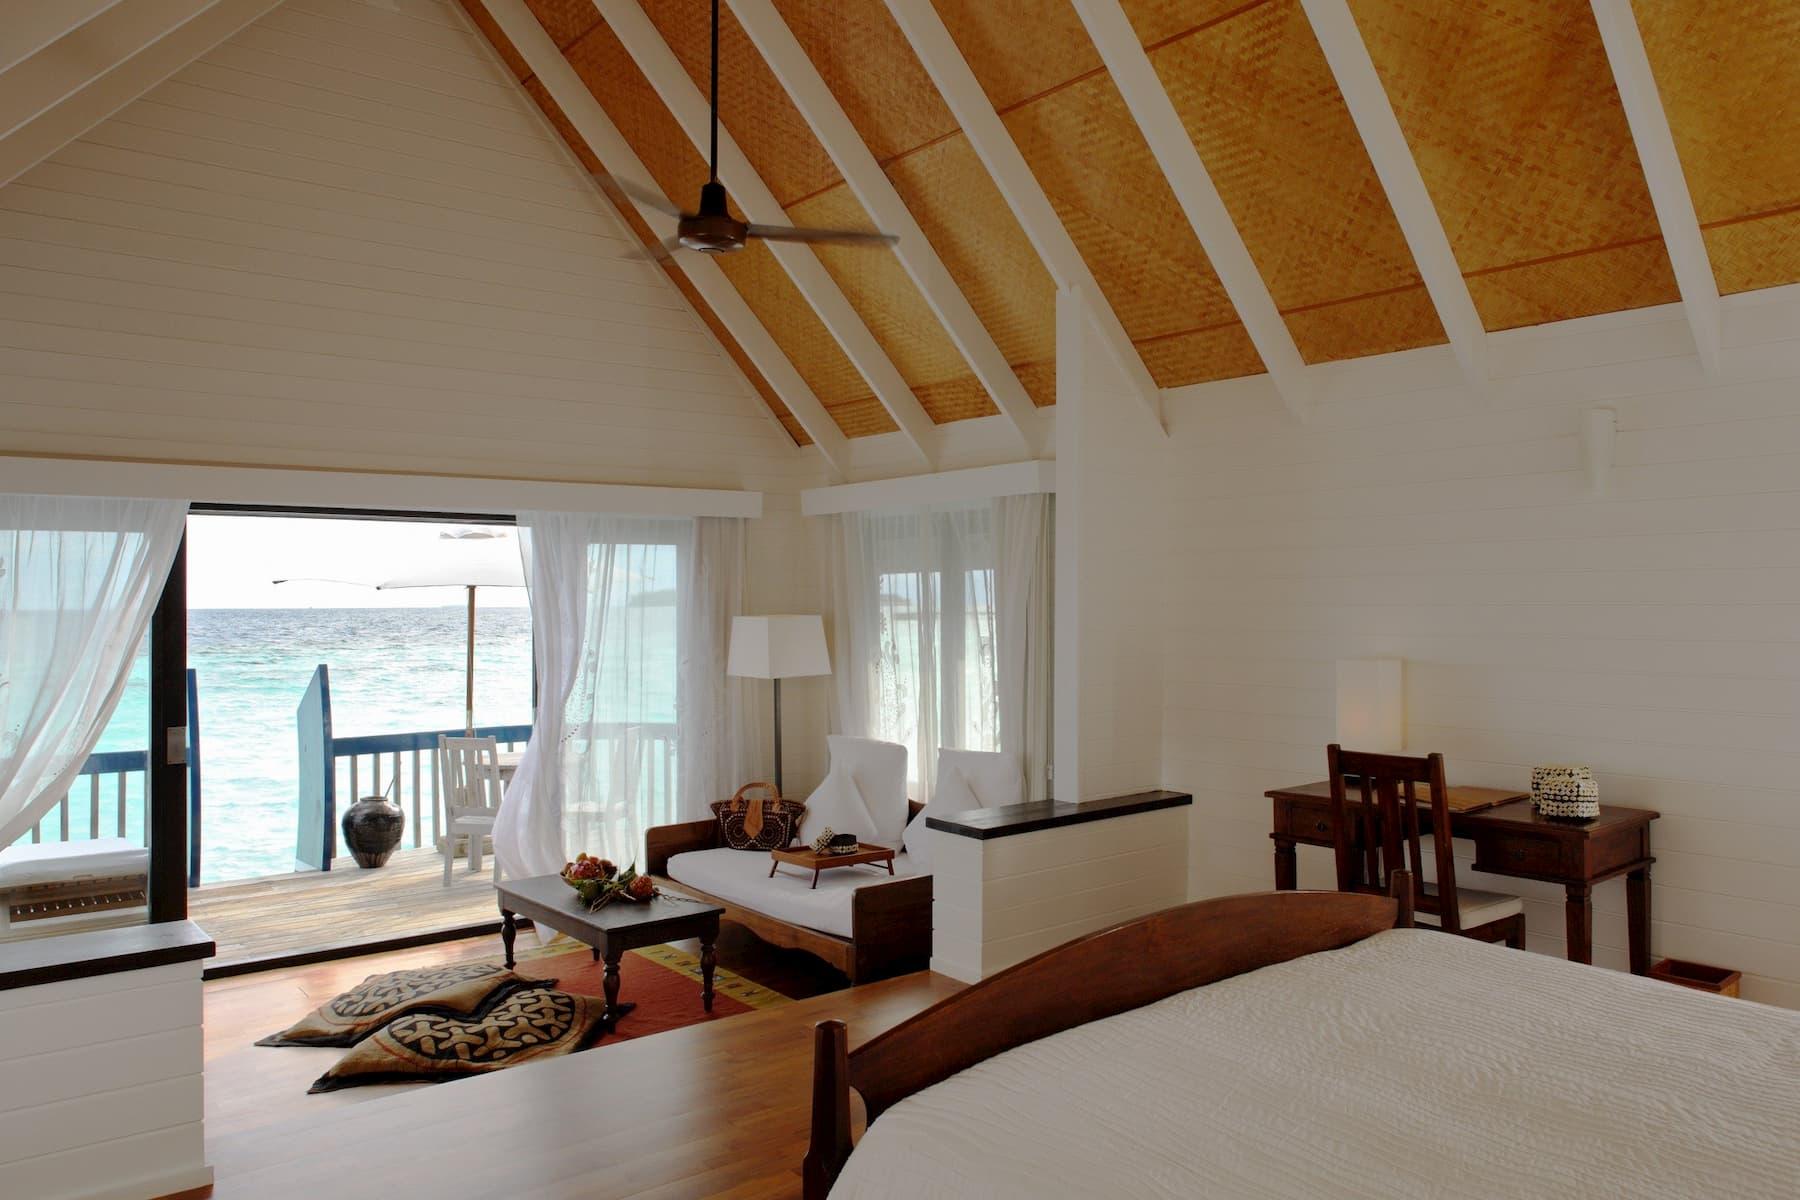 Resort Maldive Cocoa Island resort Maldive Dhoni water villa